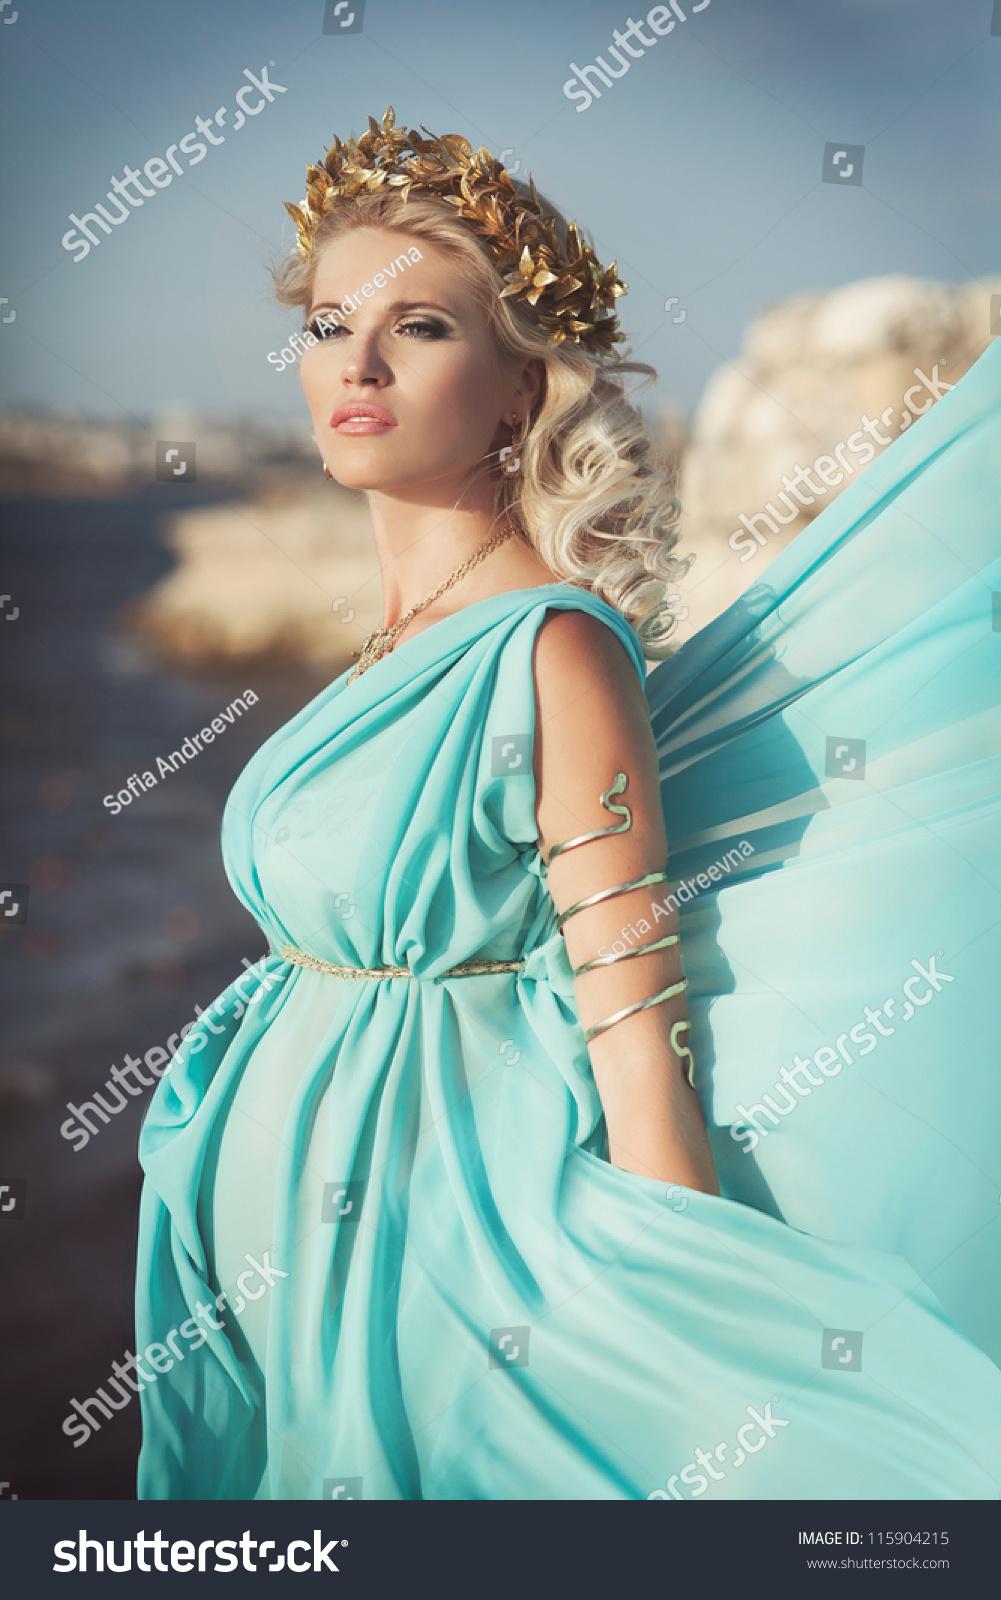 Woman Beautiful Women Goddess Art 23